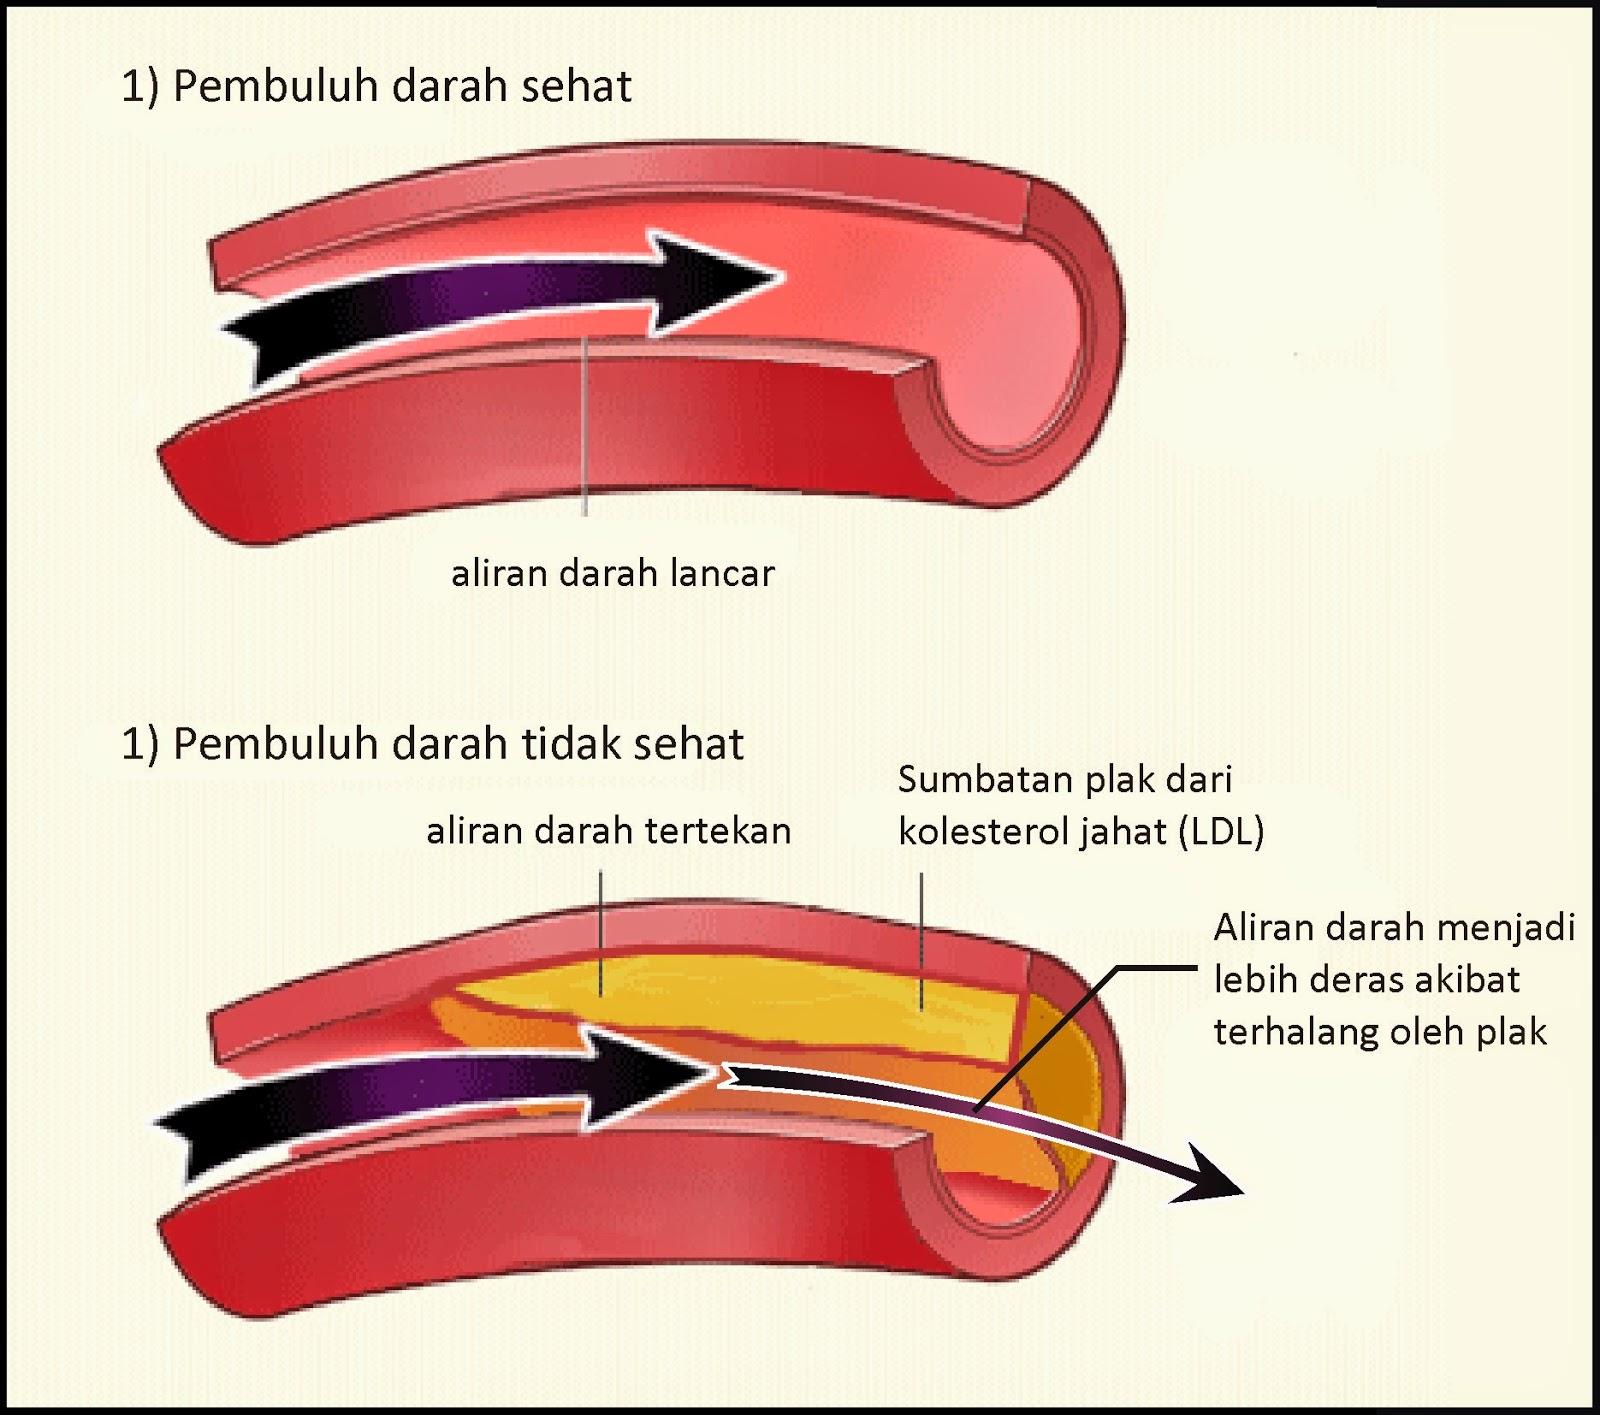 Cara Mengobati Penyumbatan Pembuluh Darah